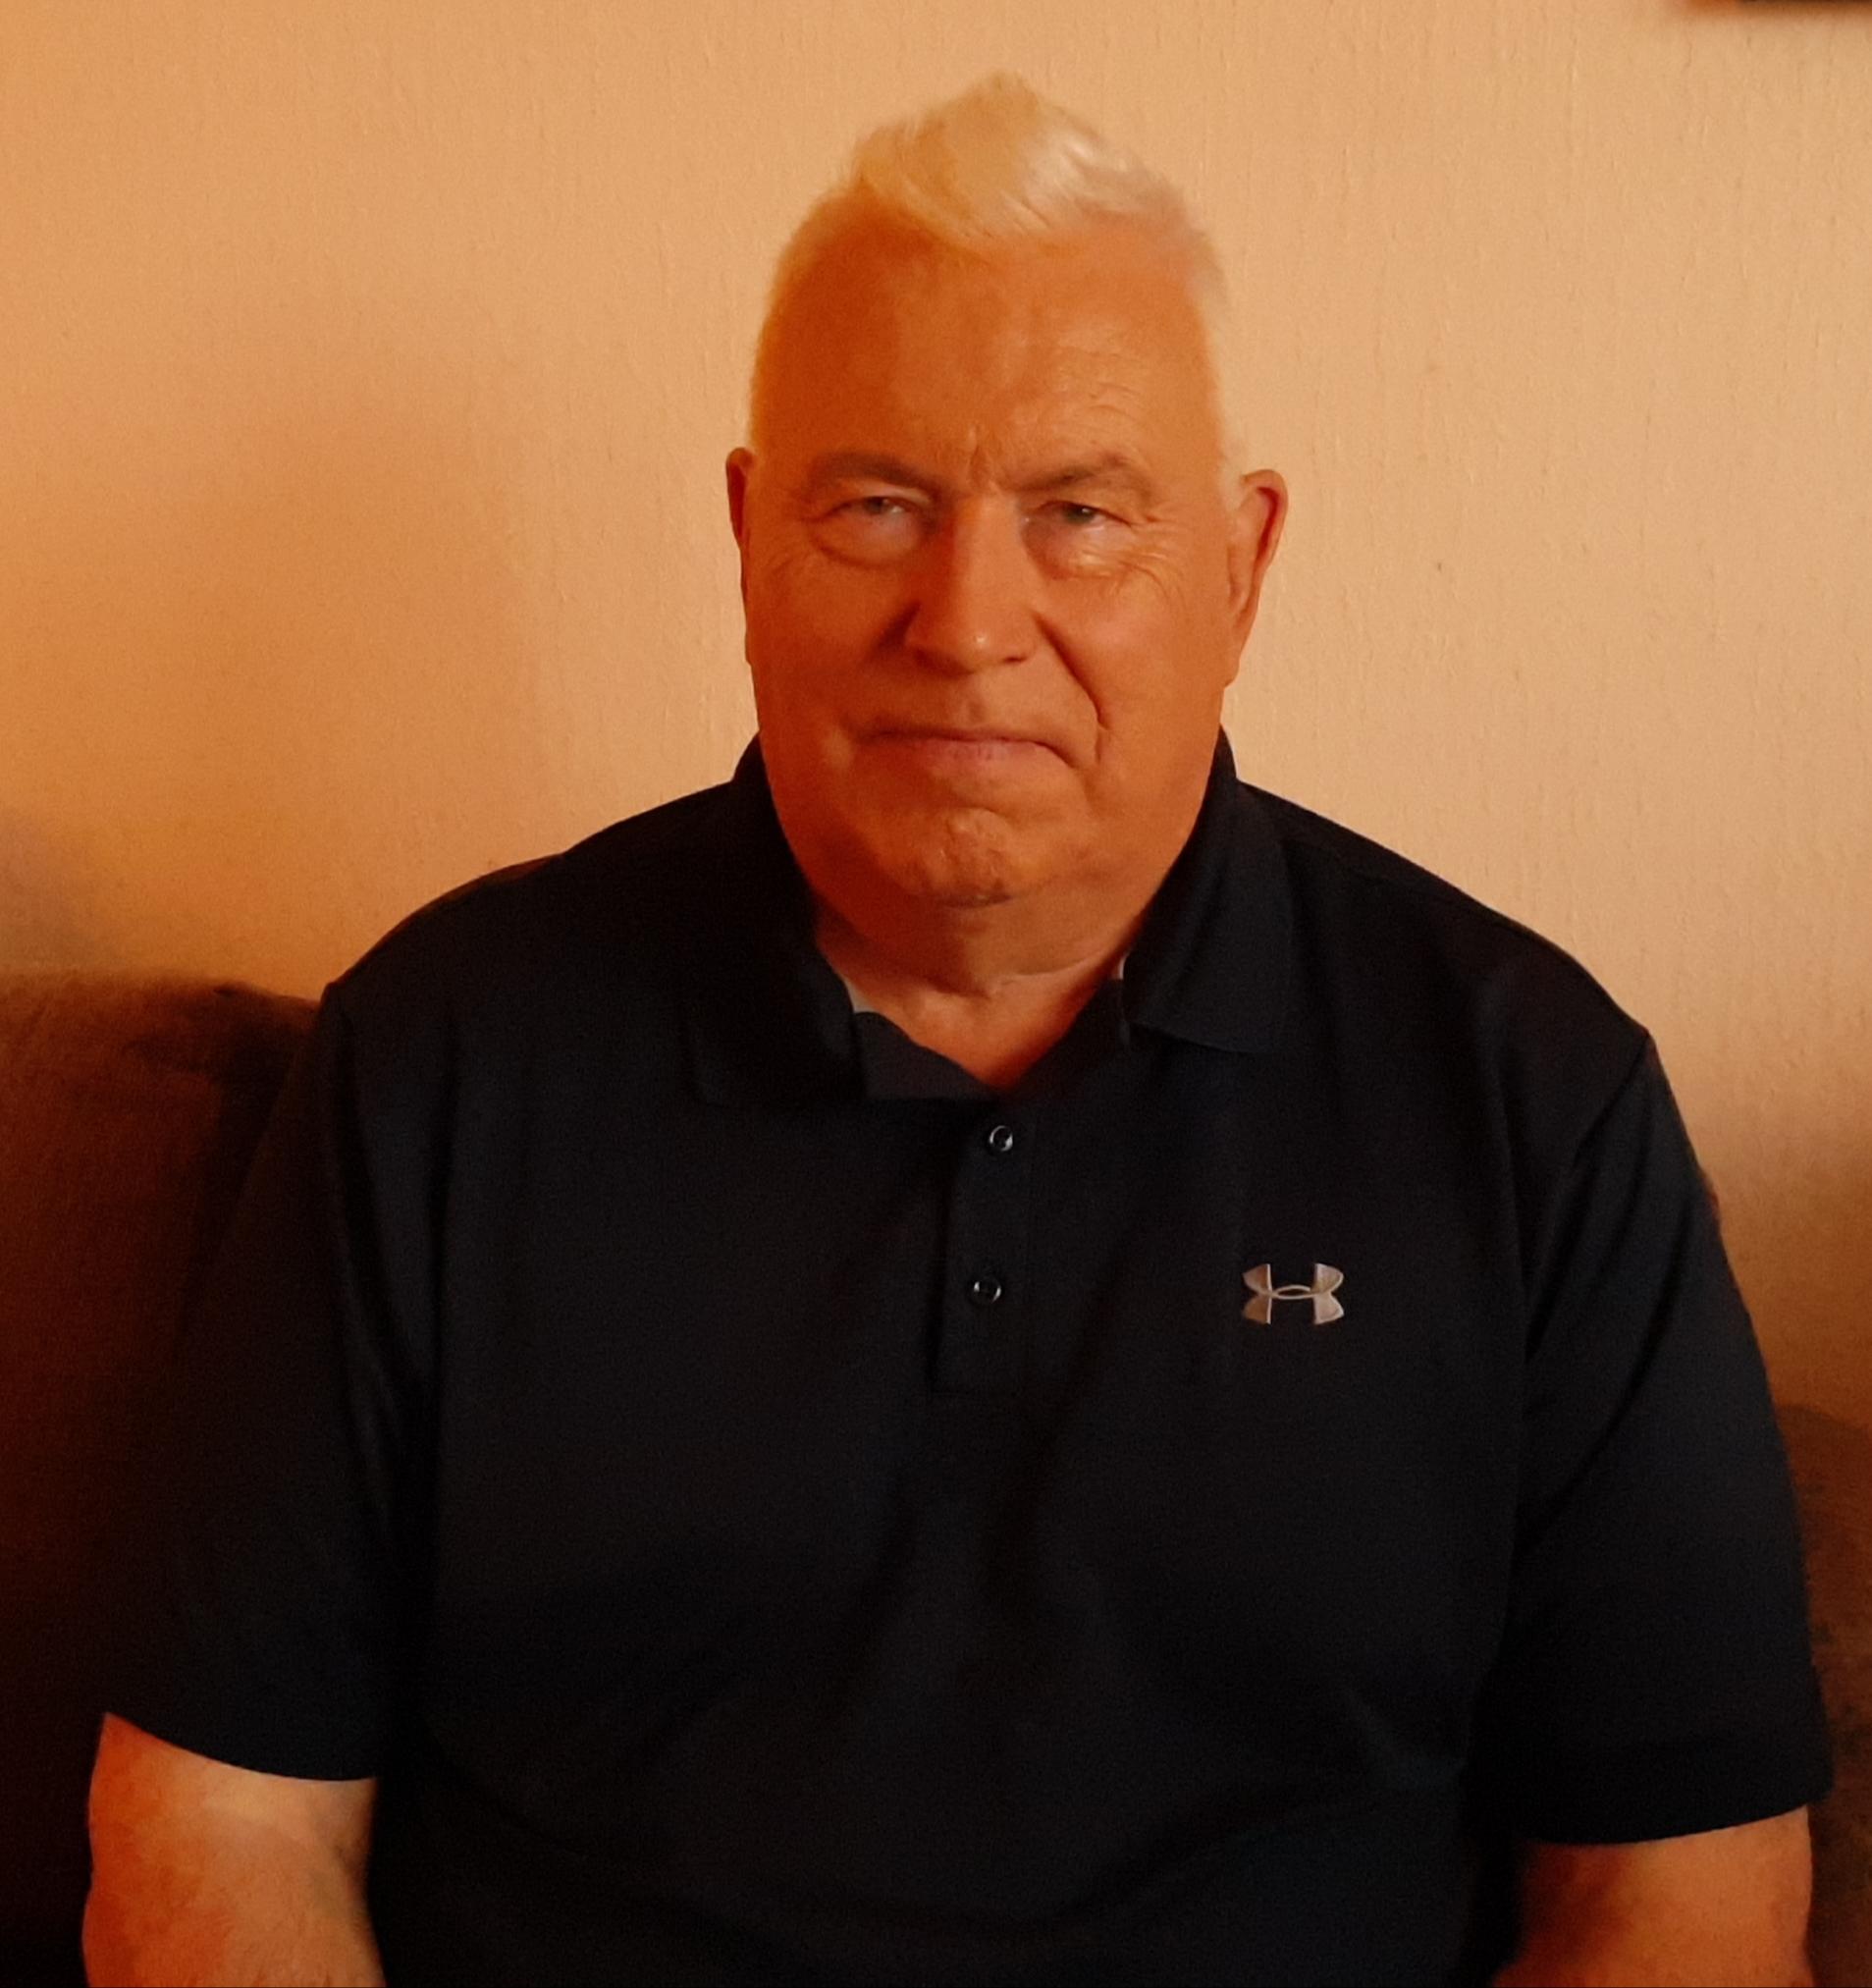 Kjell Carlström är legitimerad Psykolog och legitimerad psykoterapeut inom både individualterapi och familjeterapi.